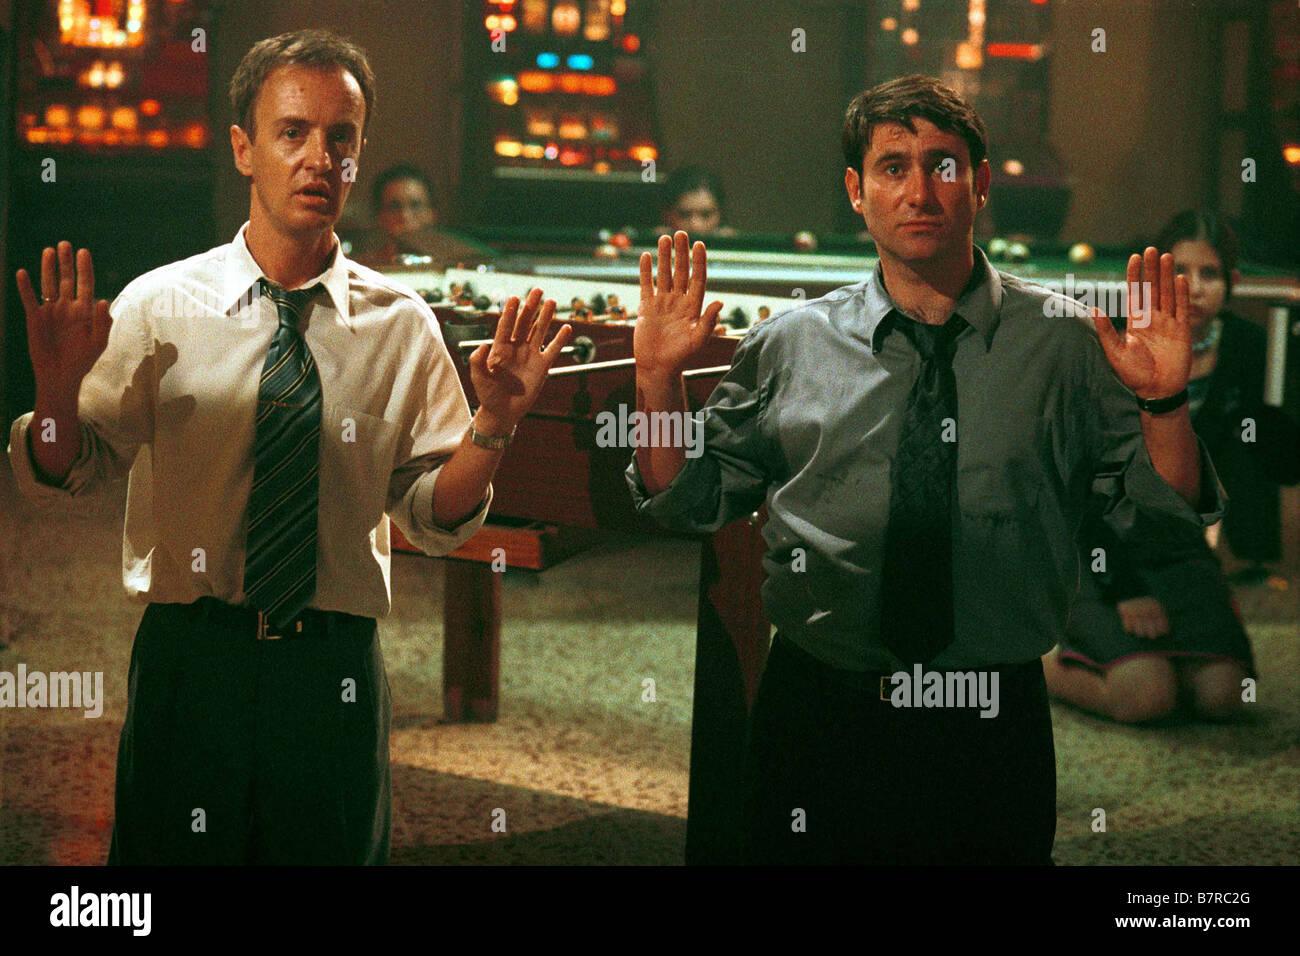 Au bonheur des hommes Hombres felices  Year: 2001 - spain Carlos Hipólito, Sergi López  Director:Roberto - Stock Image